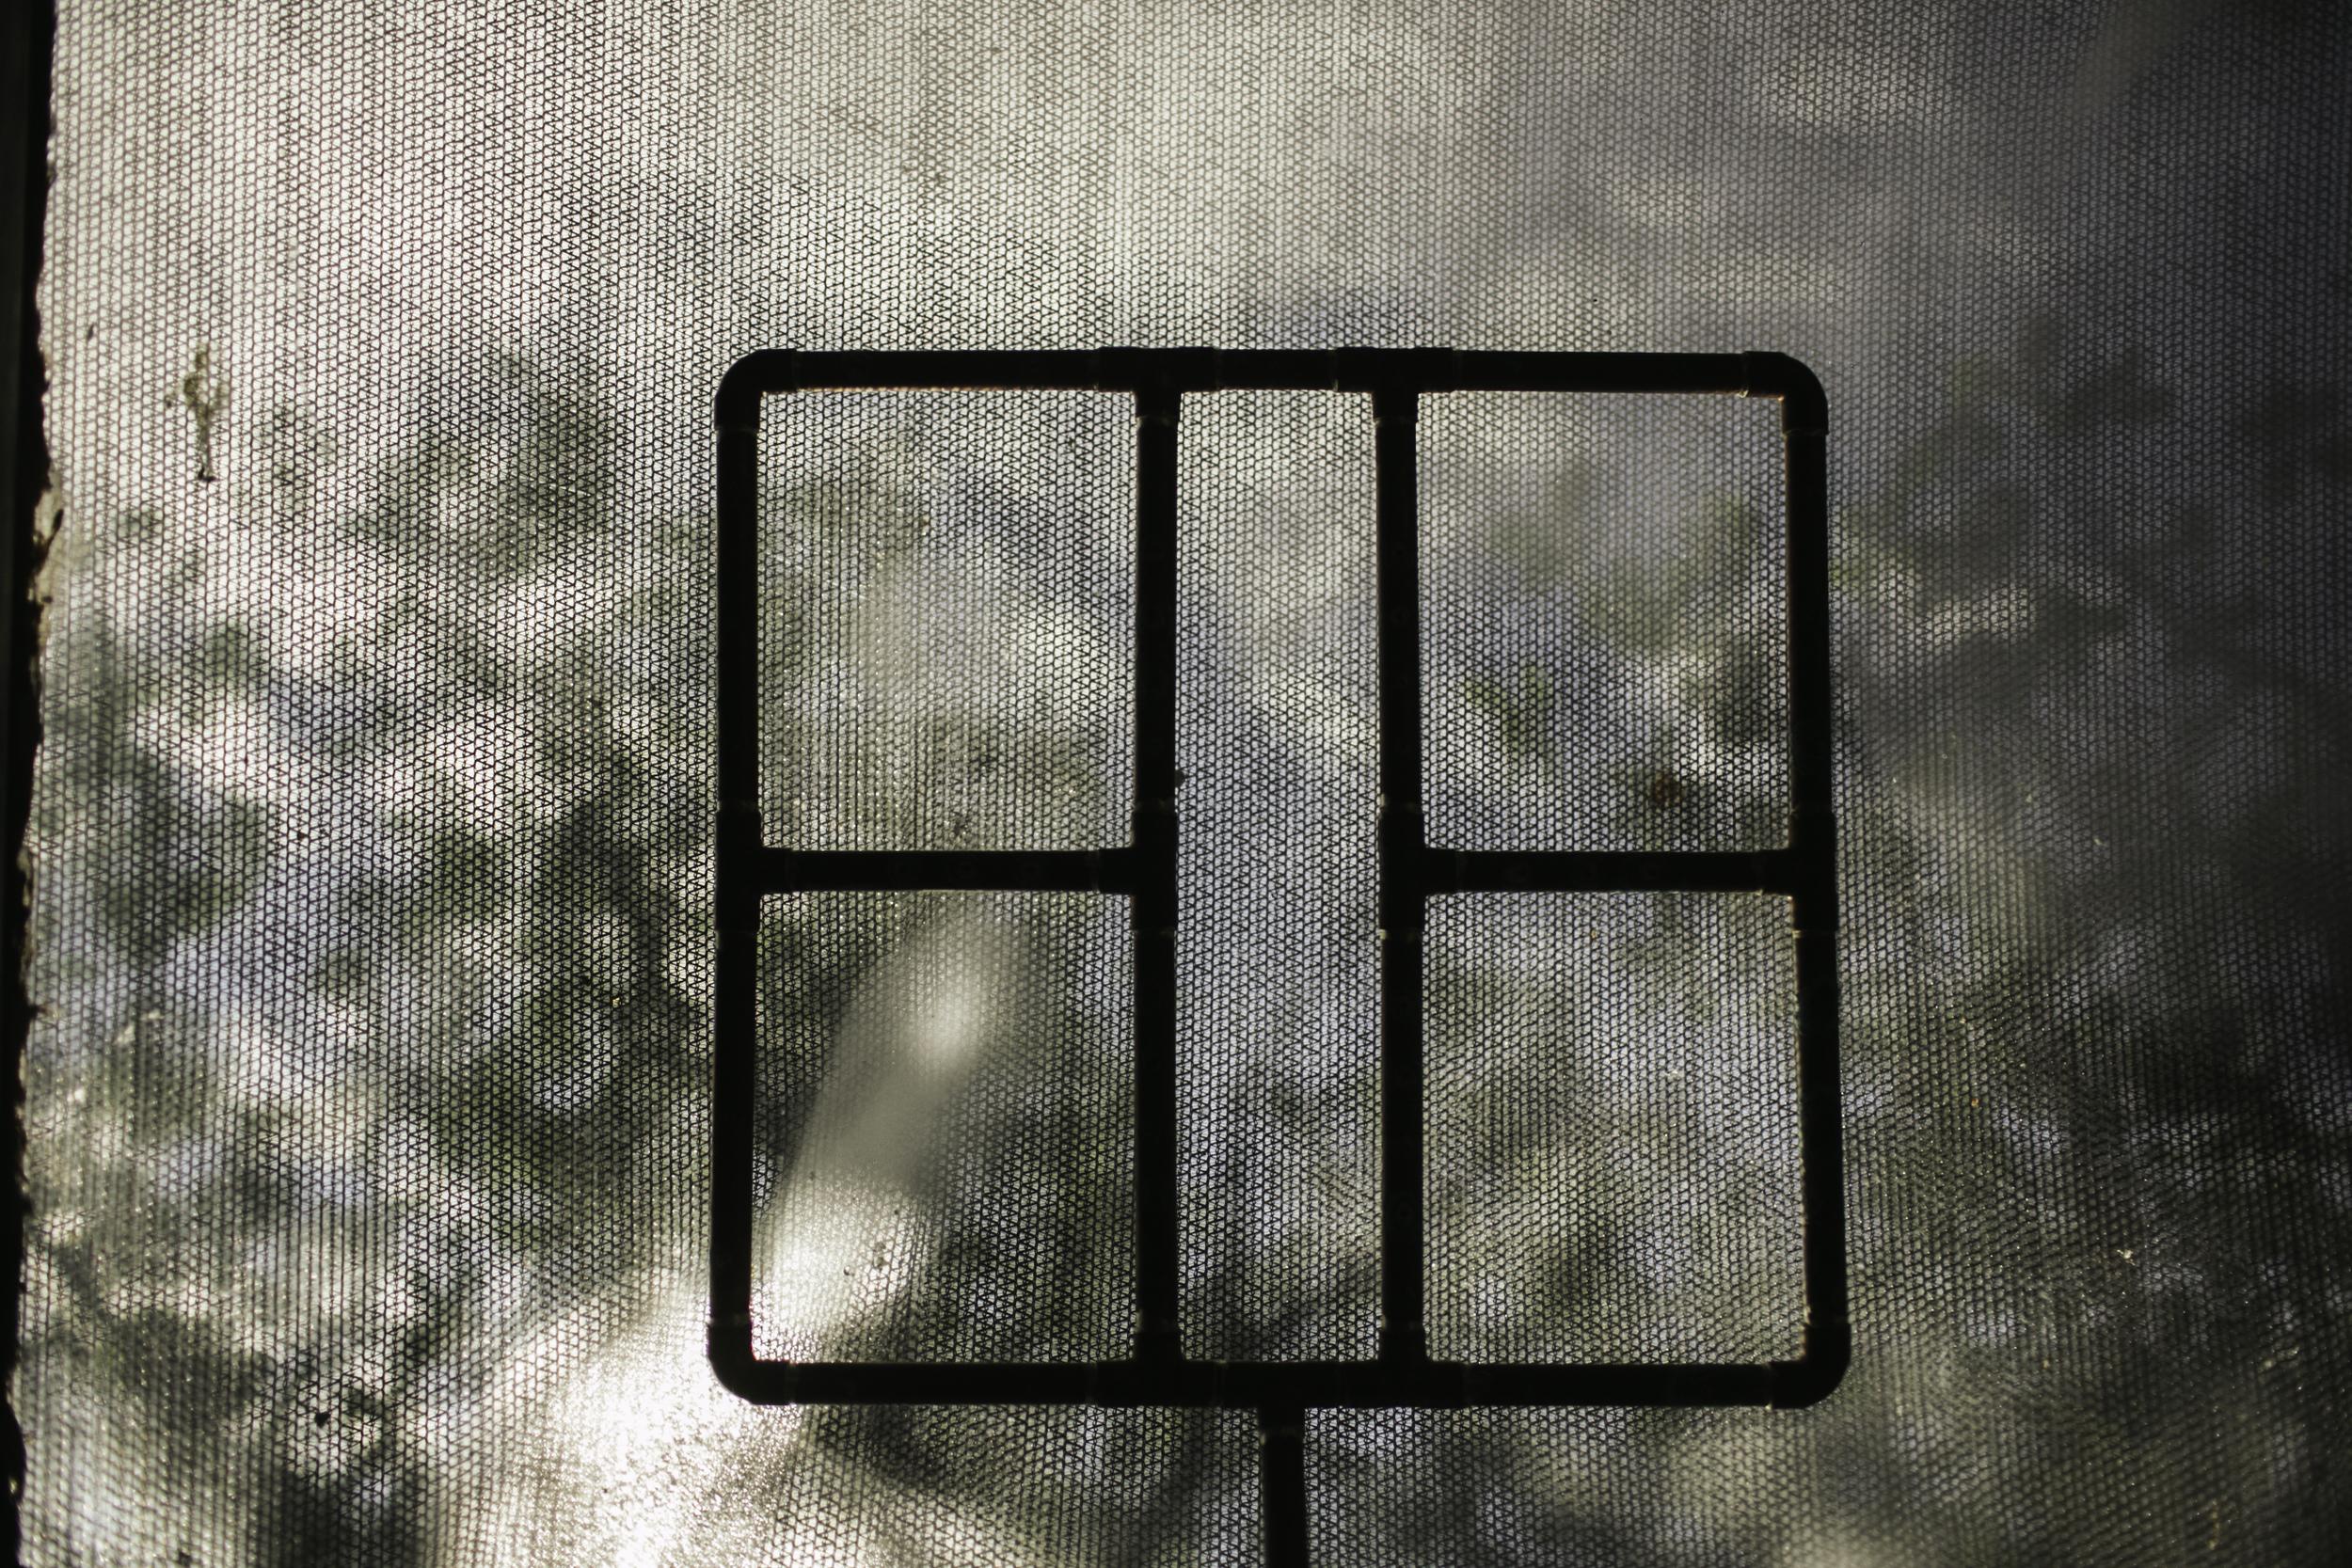 hayfork-93.jpg